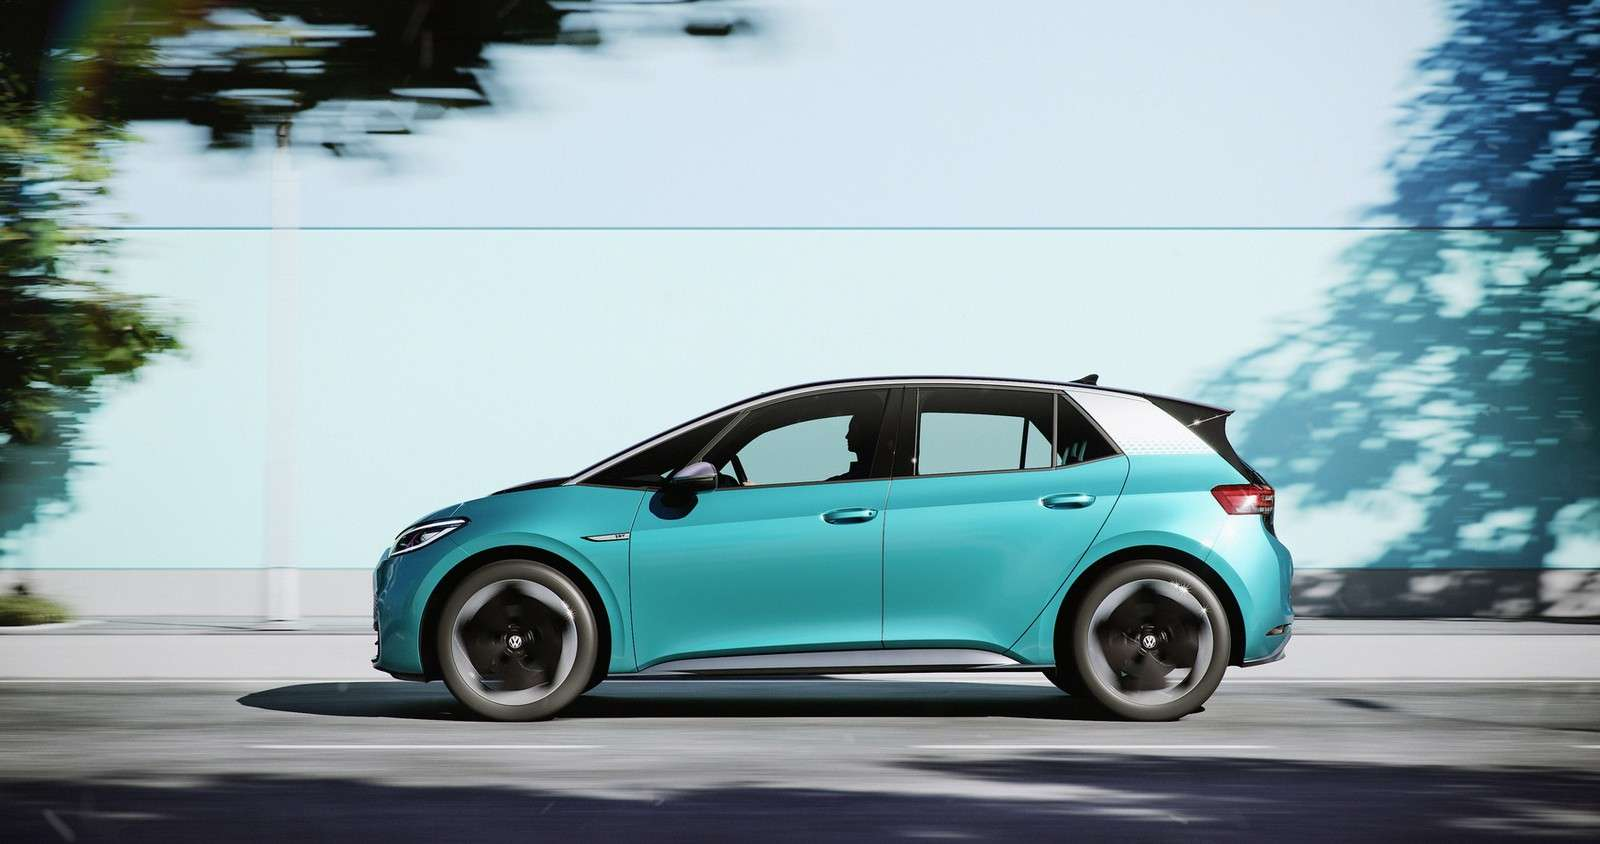 La future ID.1, dont l'existence n'a pas été officiellement confirmée, devrait être une version compacte de l'ID.3. © Volkswagen